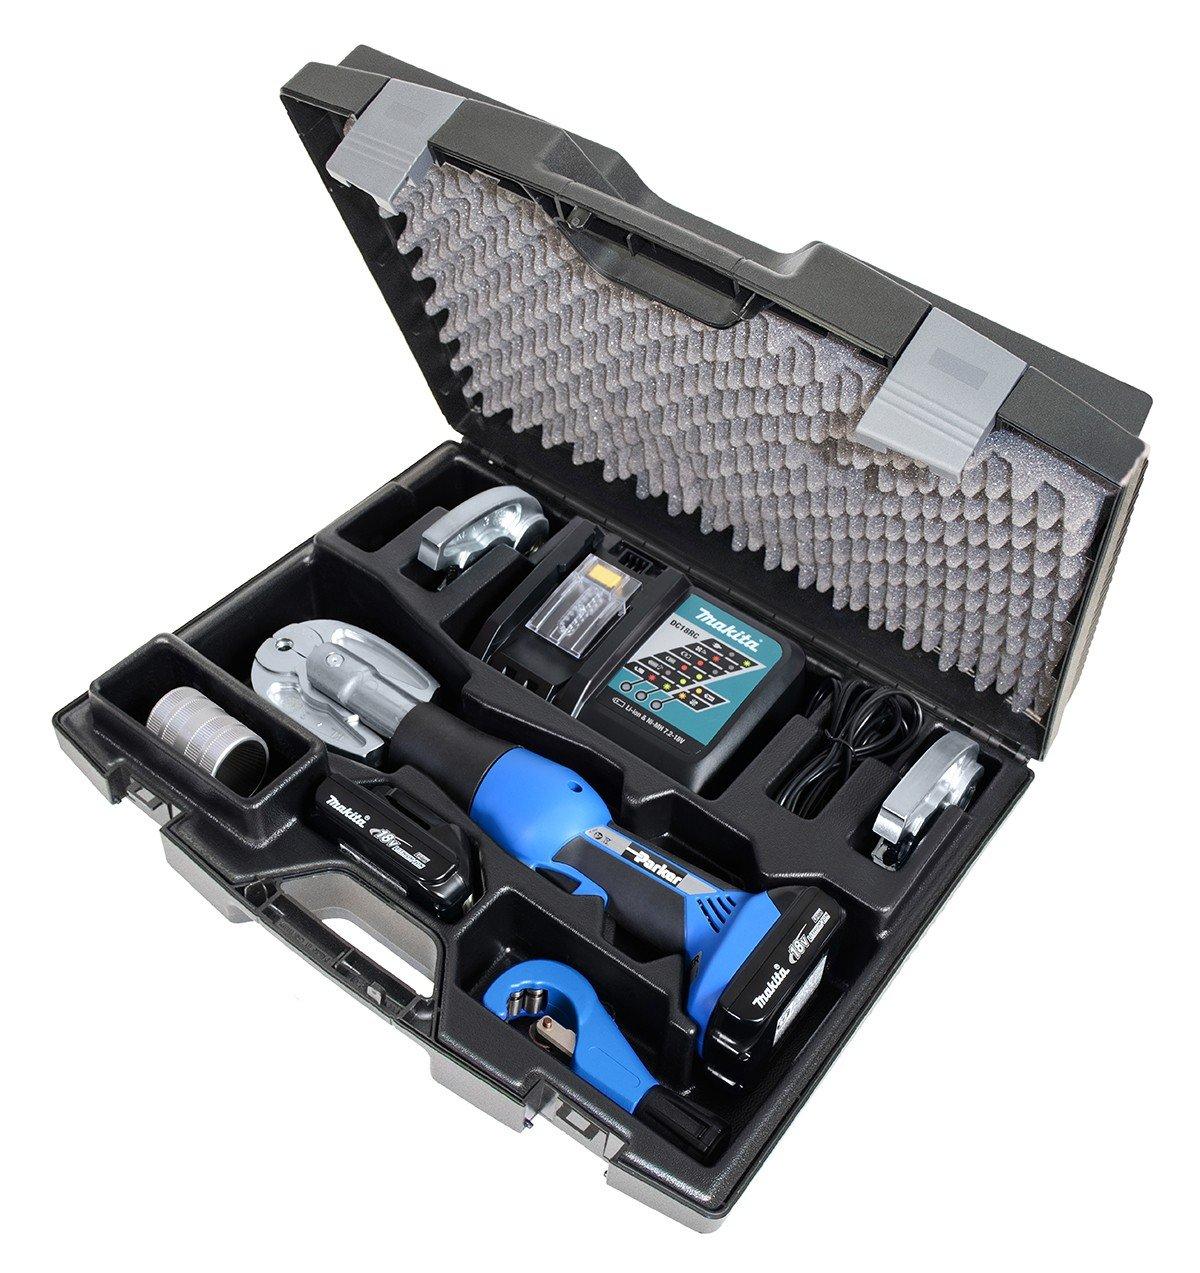 Parker Hannifin 770001 Zoomlock Pzk-Tk3 3 Jaw Tool Kit